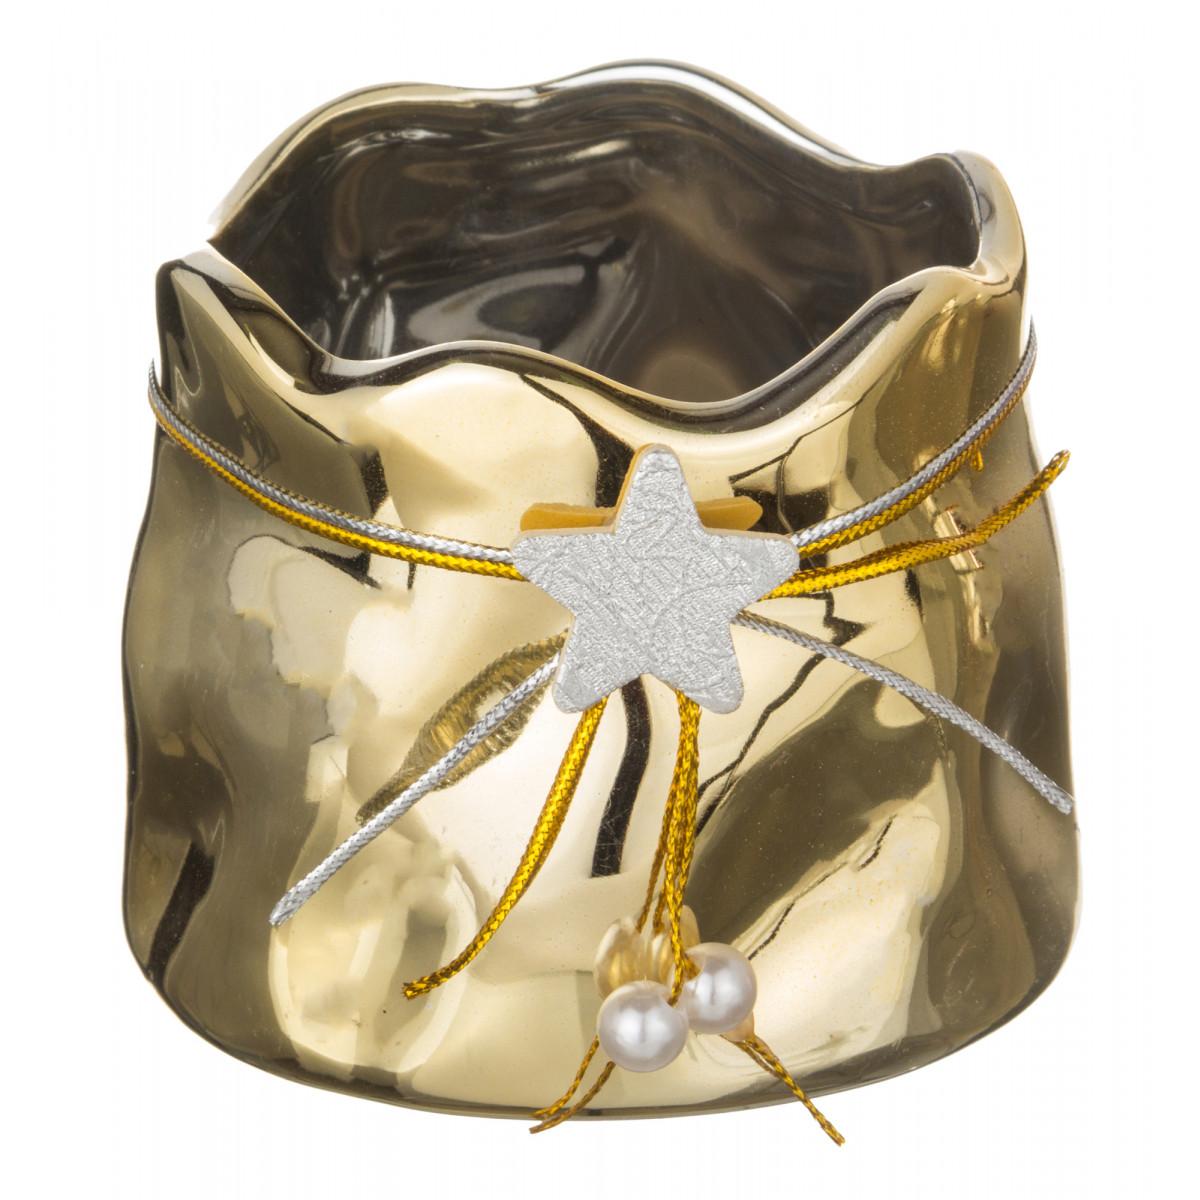 Купить Декоративные свечи Lefard, Свеча-подсвечник Kyra (7х9х9 см), Китай, Золотой, Керамика